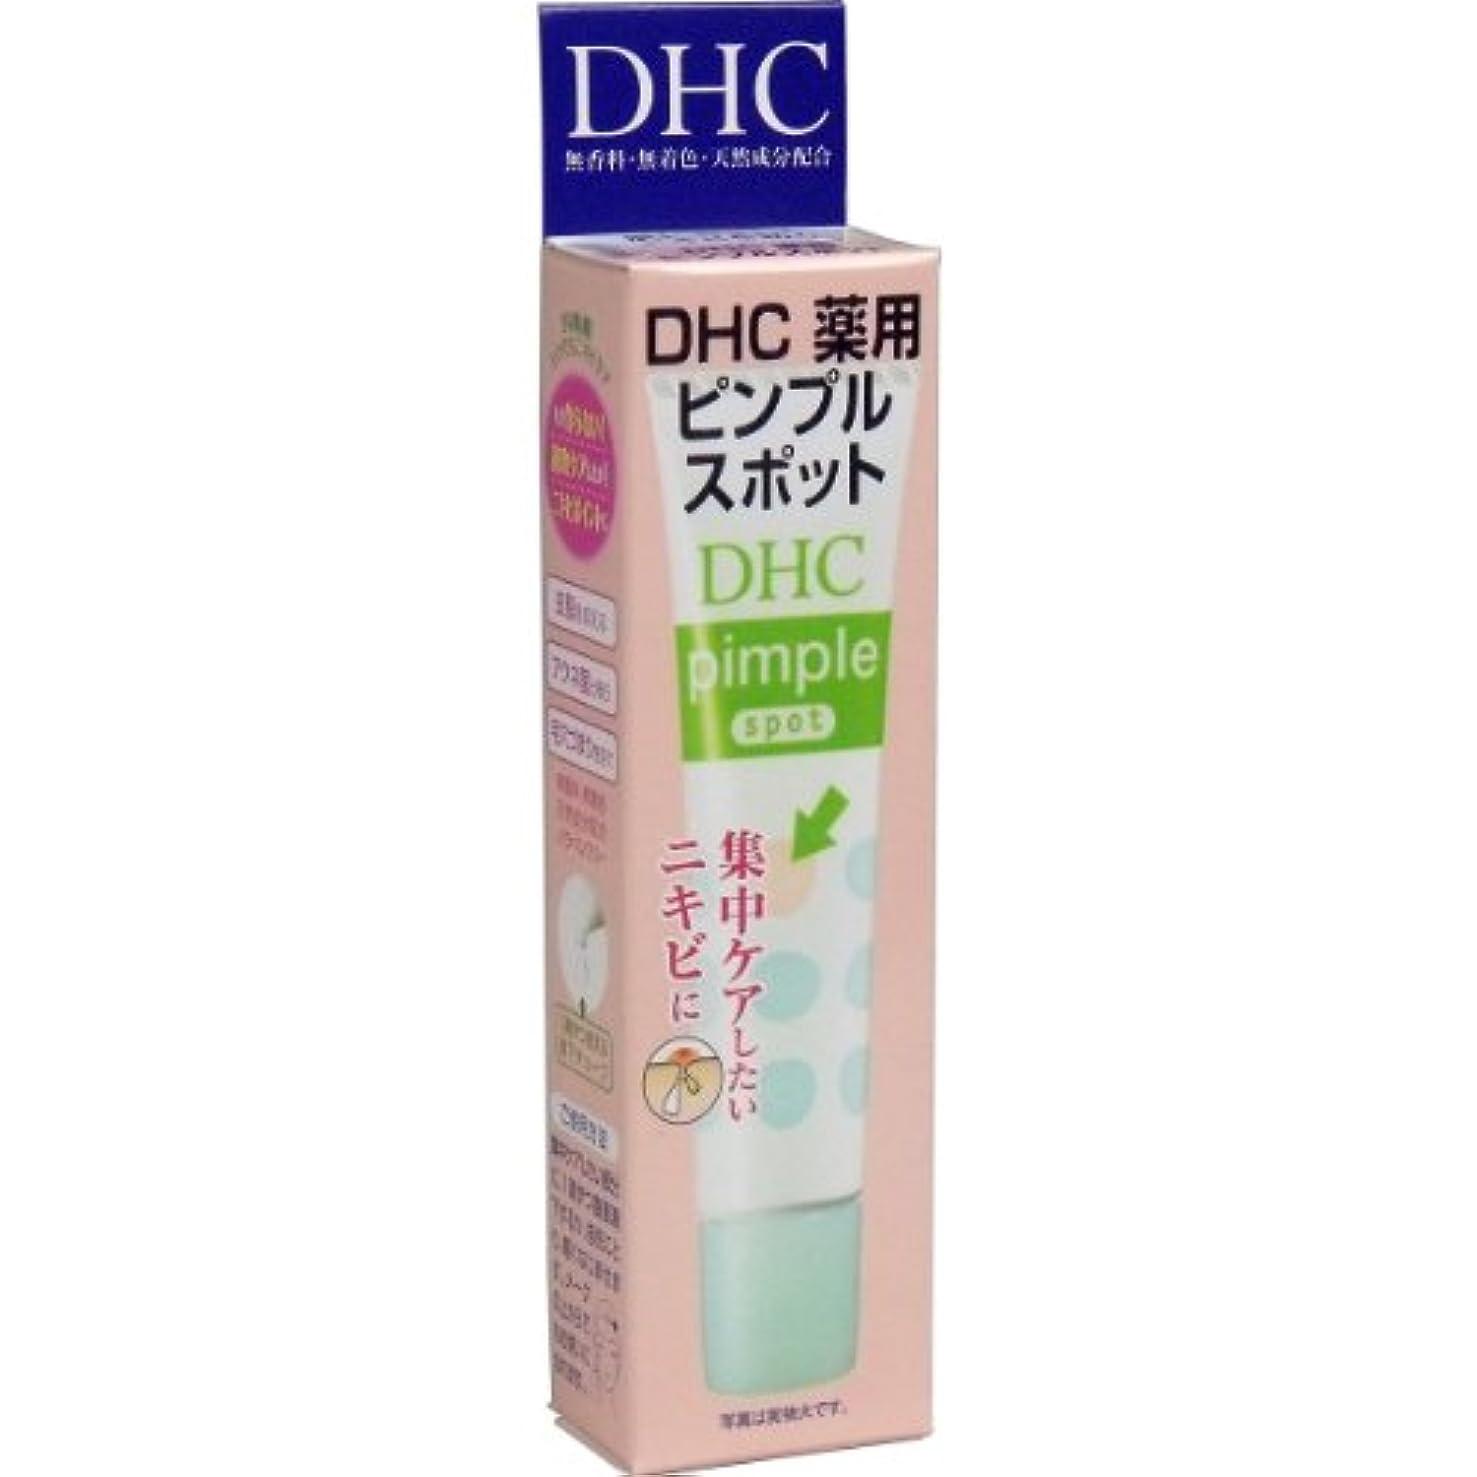 感嘆変更可能聖歌DHC 薬用ピンプルスポット15ml